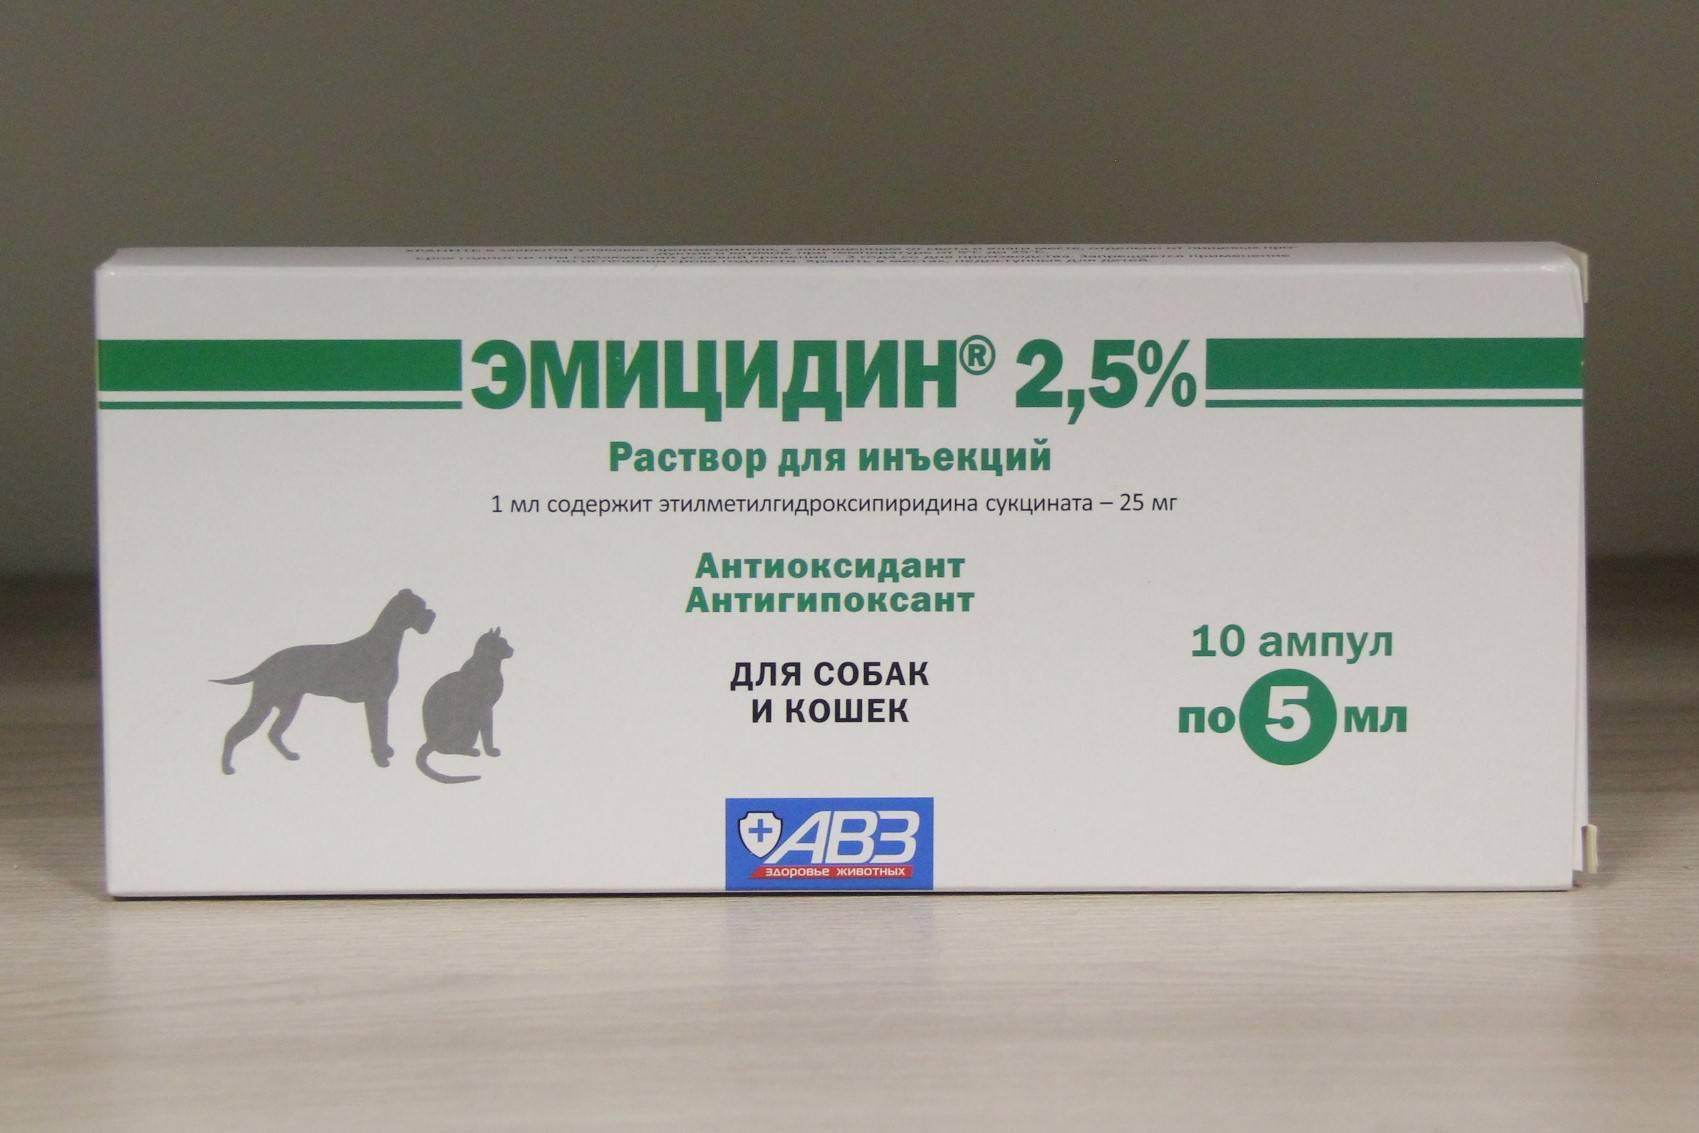 Эмицидин для кошек при отравлении - врач-советник